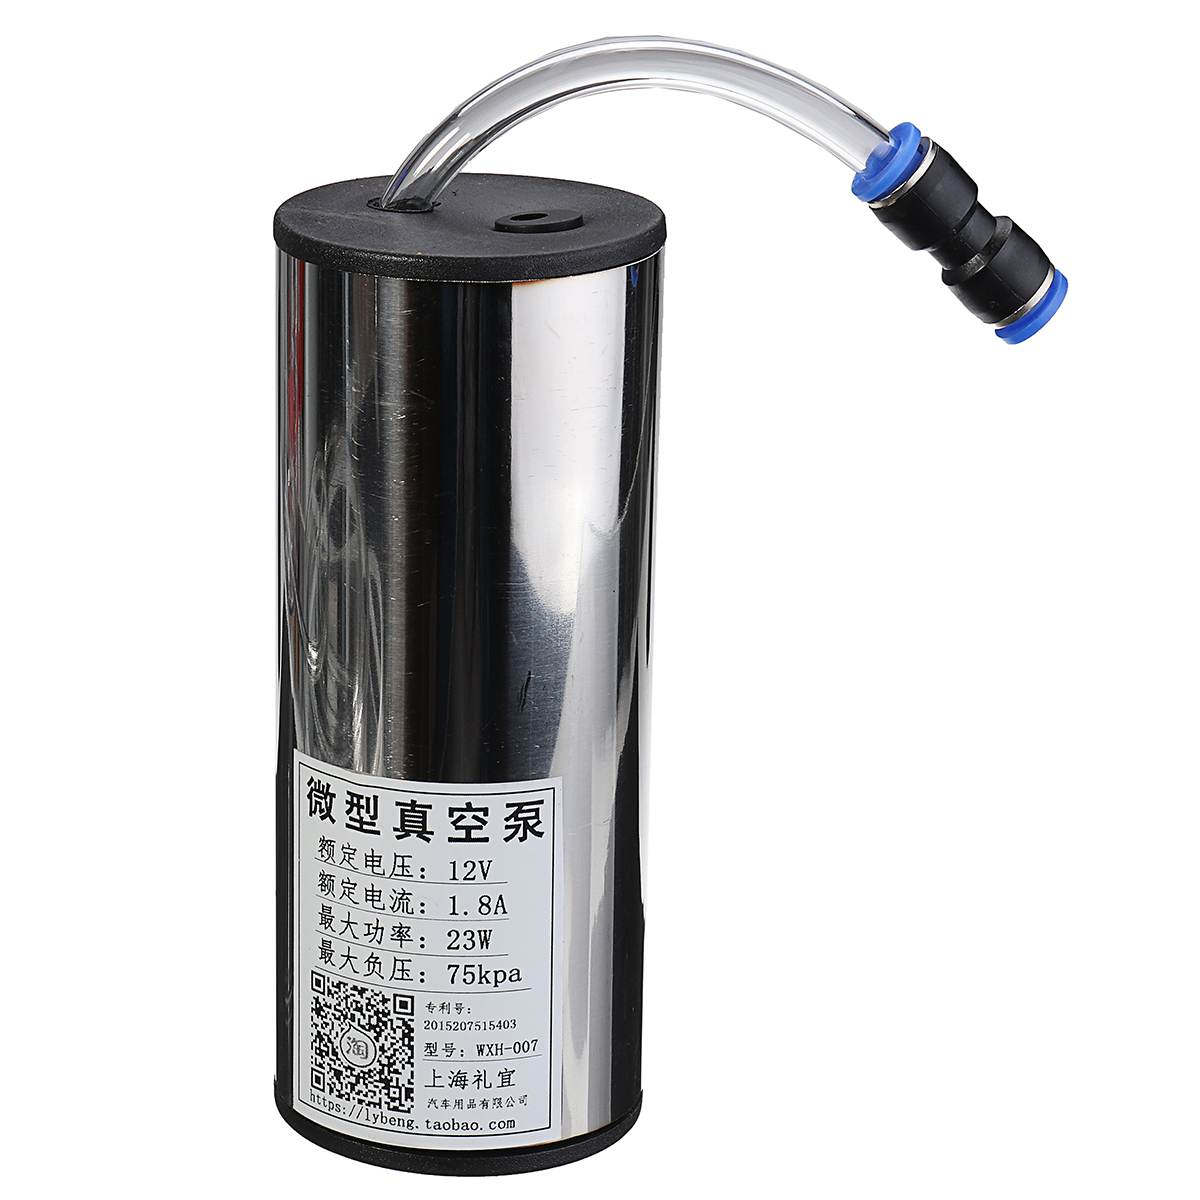 Pompe manuelle huile 12 V pompe d'extraction miel pompe à vide interrupteur pompe à eau fluide d'aspiration transfert sous vide - 5